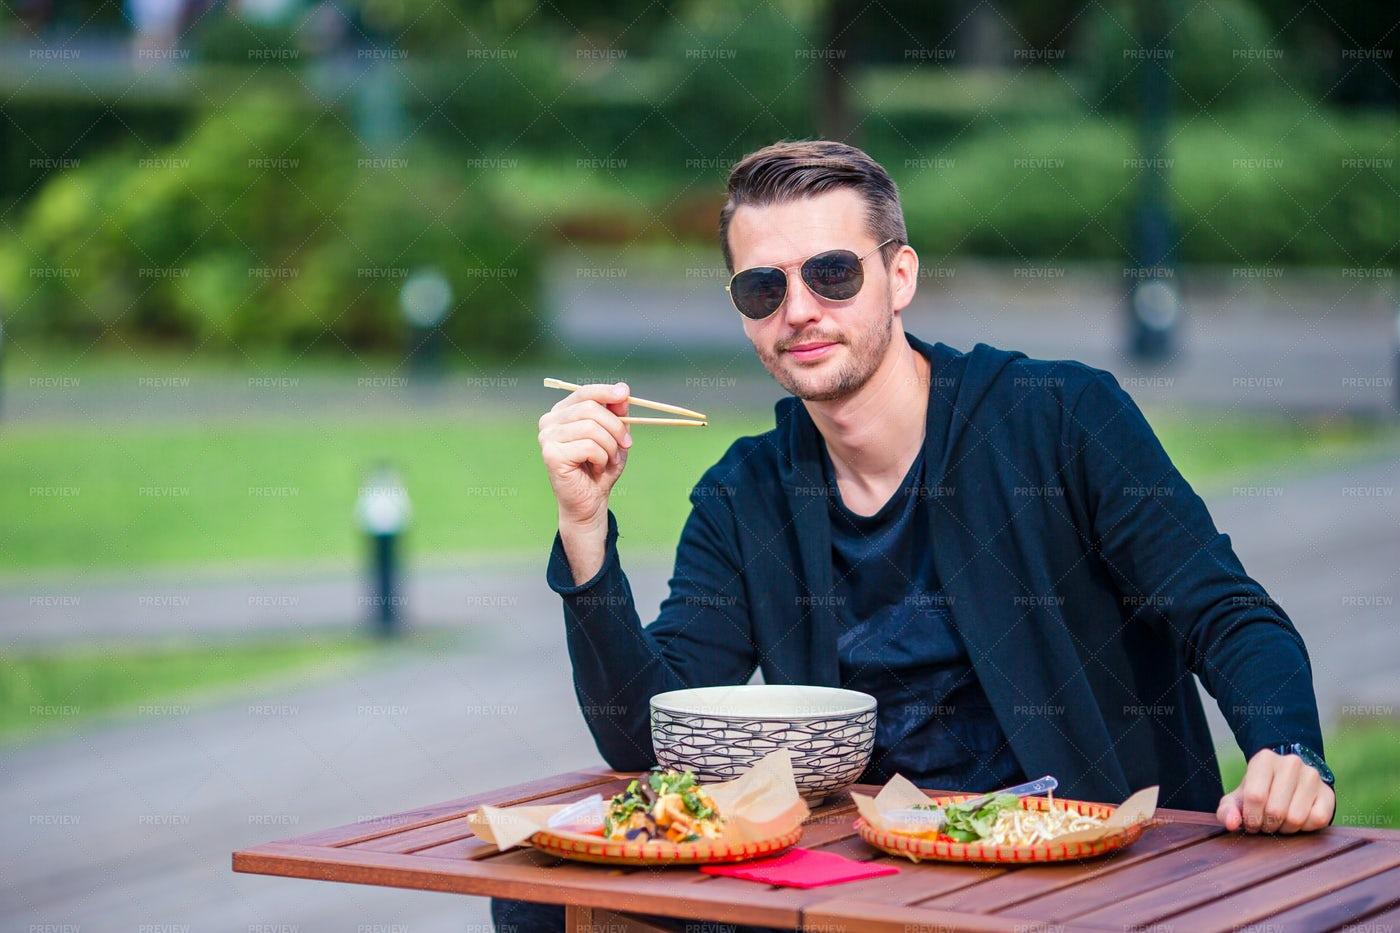 Young Man Eating: Stock Photos